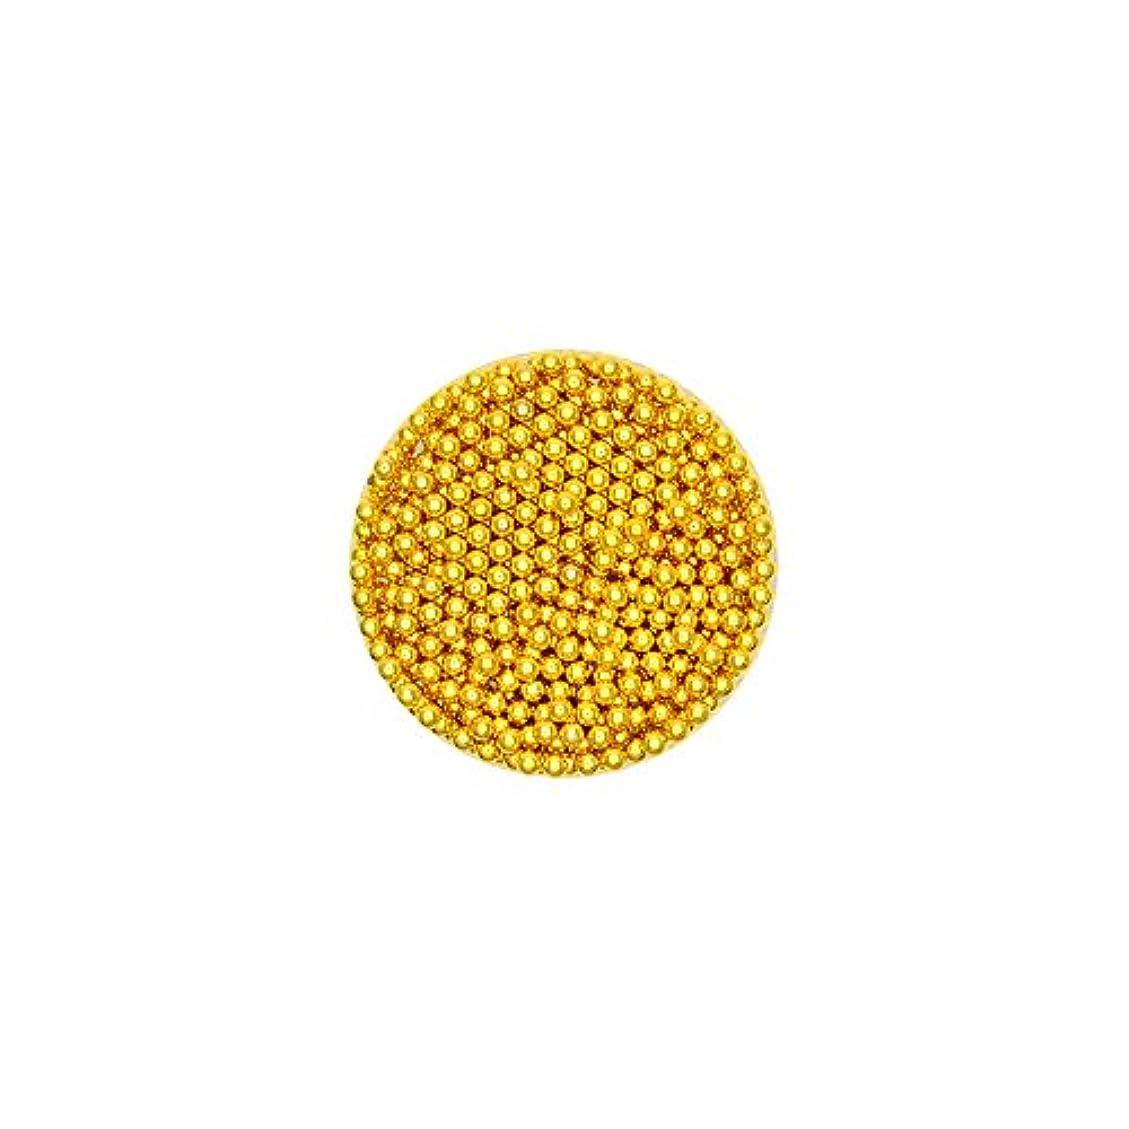 行商スキャンダラス子羊メタルブリオン 【0.8mm / ゴールド】